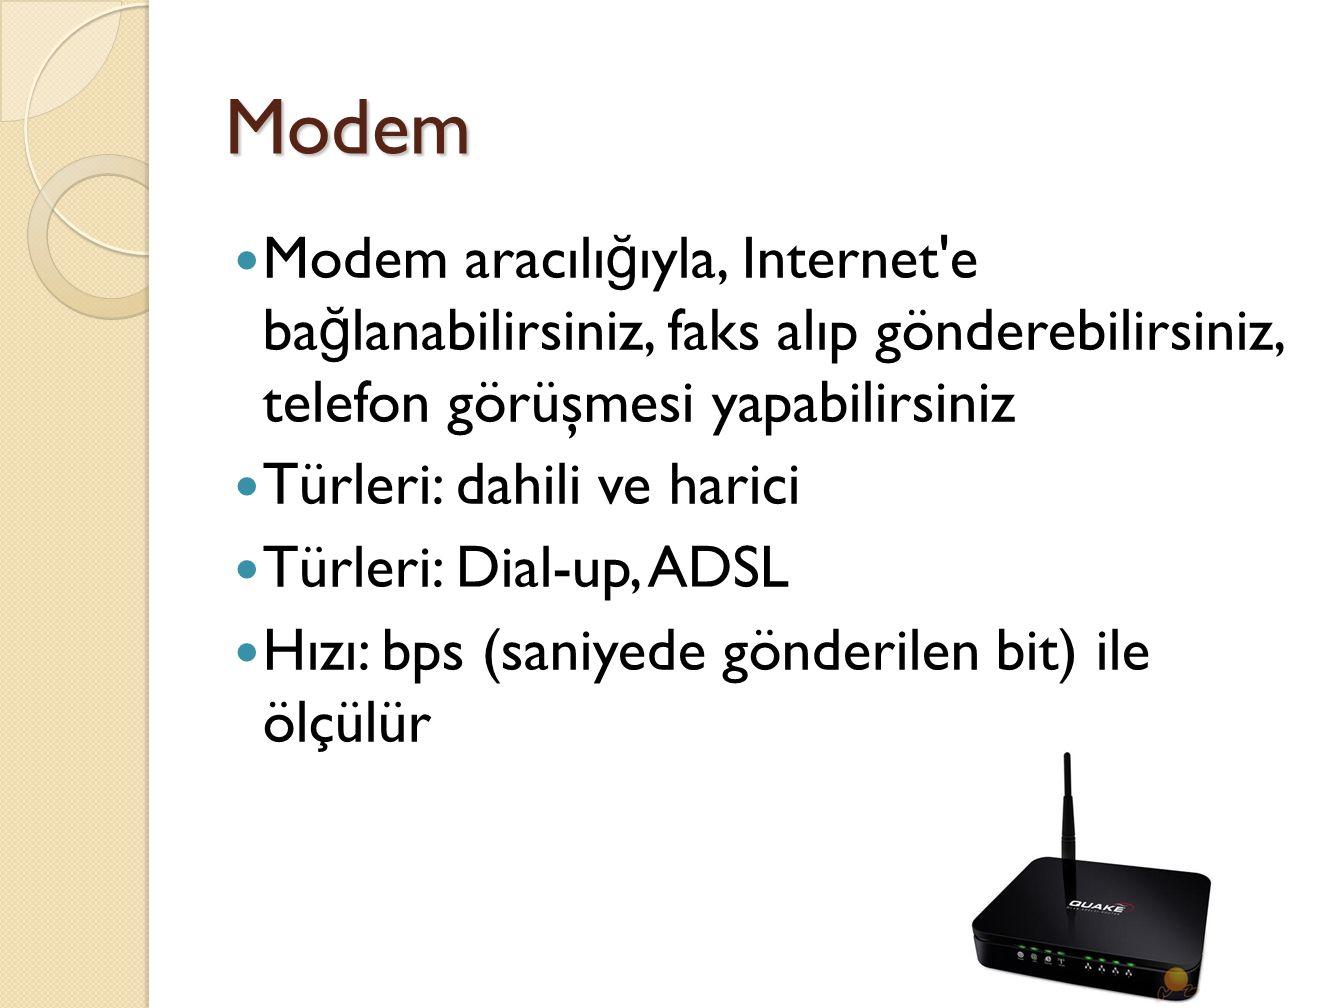 Modem Modem aracılı ğ ıyla, Internet e ba ğ lanabilirsiniz, faks alıp gönderebilirsiniz, telefon görüşmesi yapabilirsiniz Türleri: dahili ve harici Türleri: Dial-up, ADSL Hızı: bps (saniyede gönderilen bit) ile ölçülür